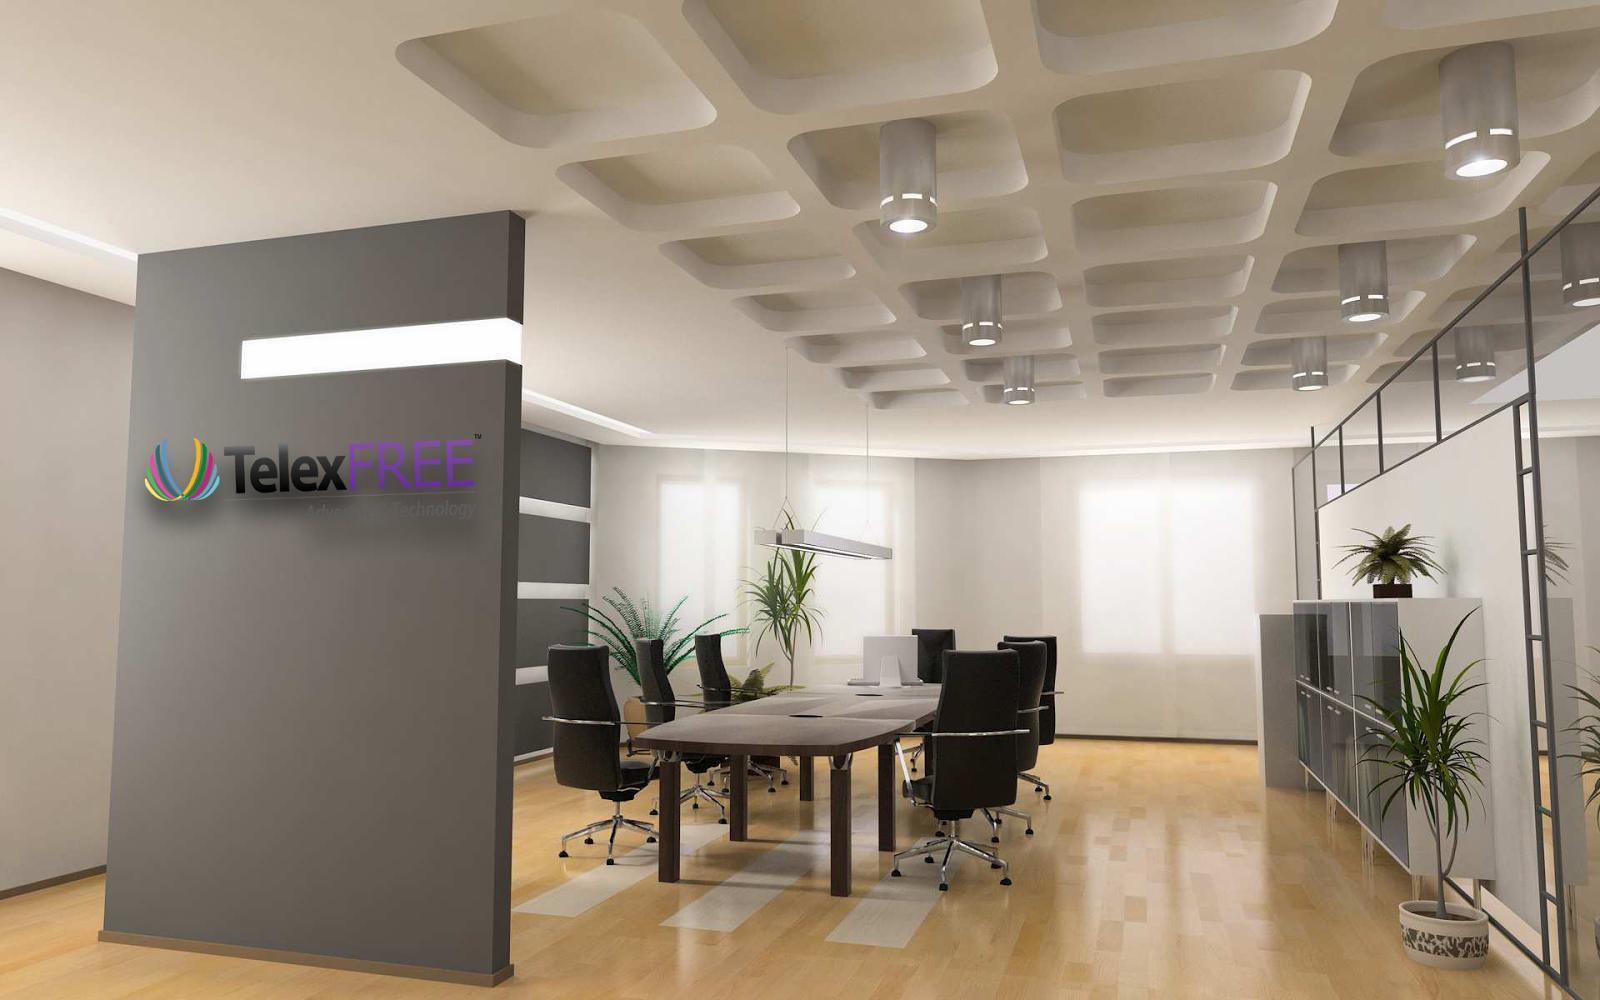 Офис компании Телексфри в США